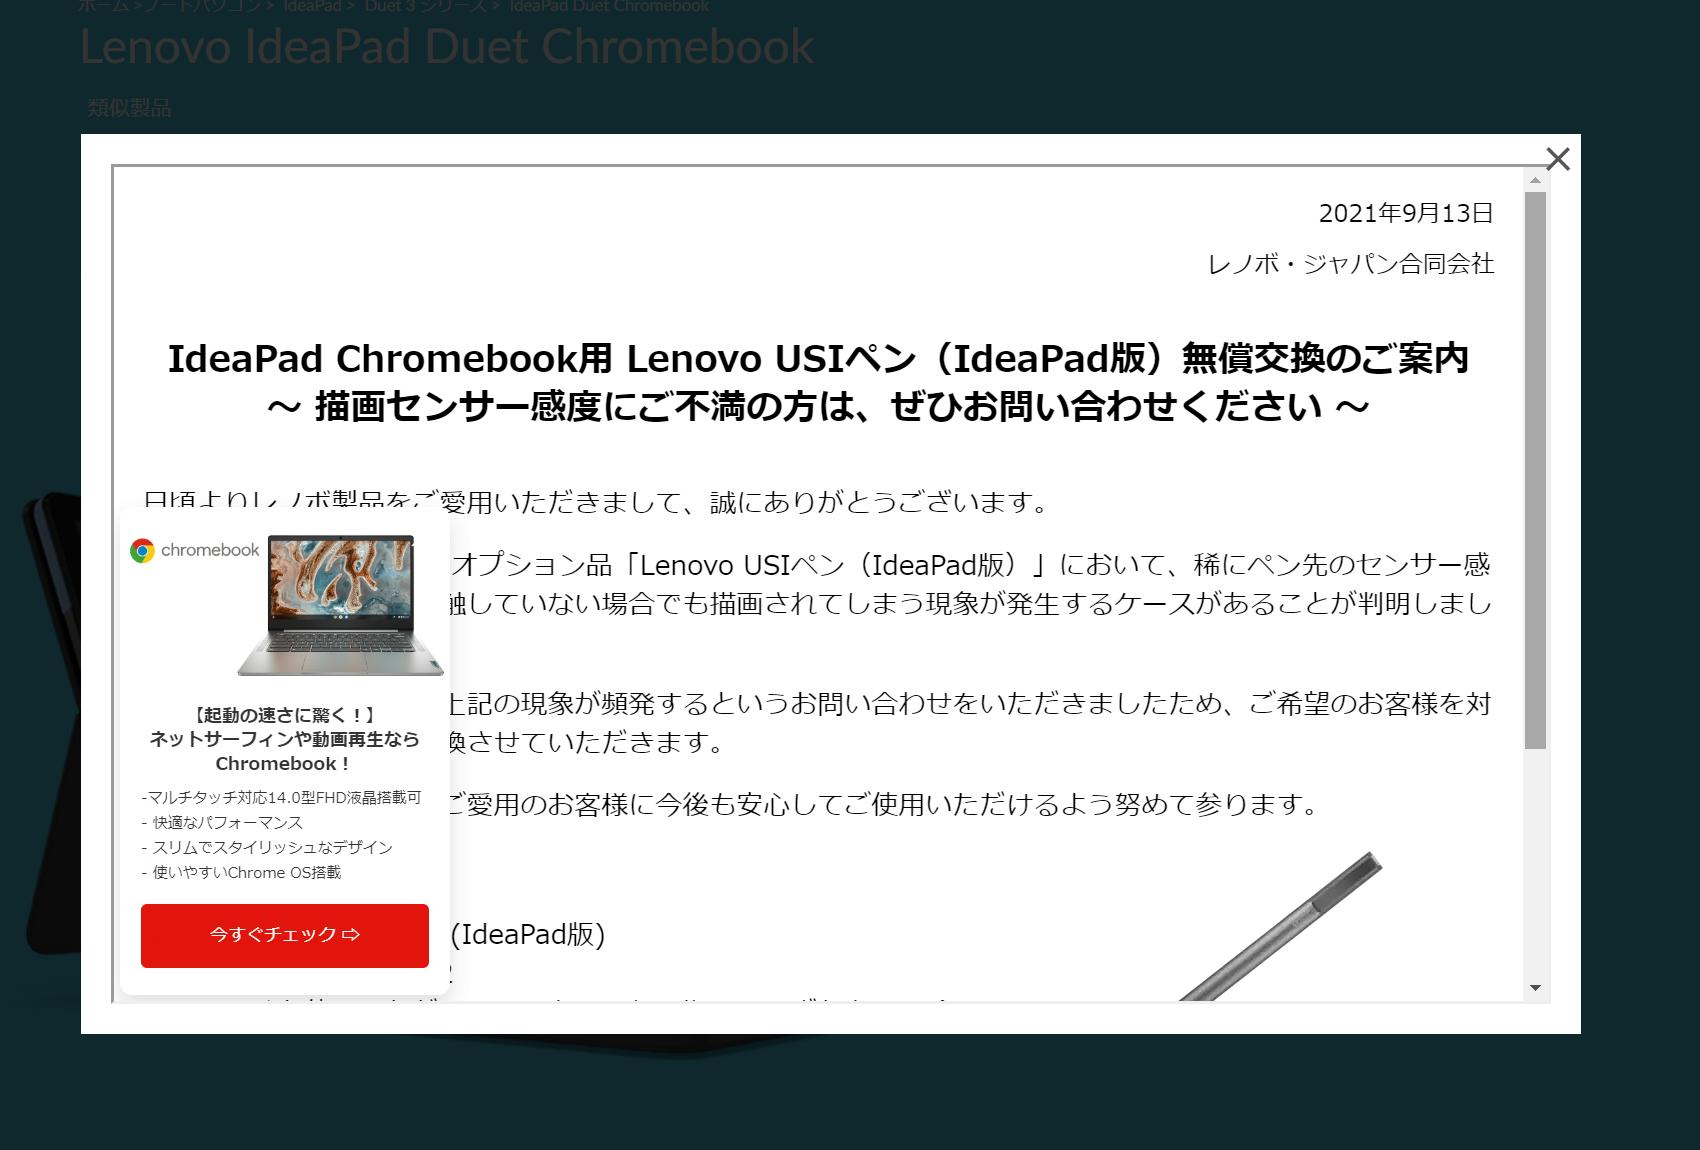 [かぶ] LenovoがIdeaPad Chromebook用USIペン(IdeaPad版)の無償交換の案内を開始。